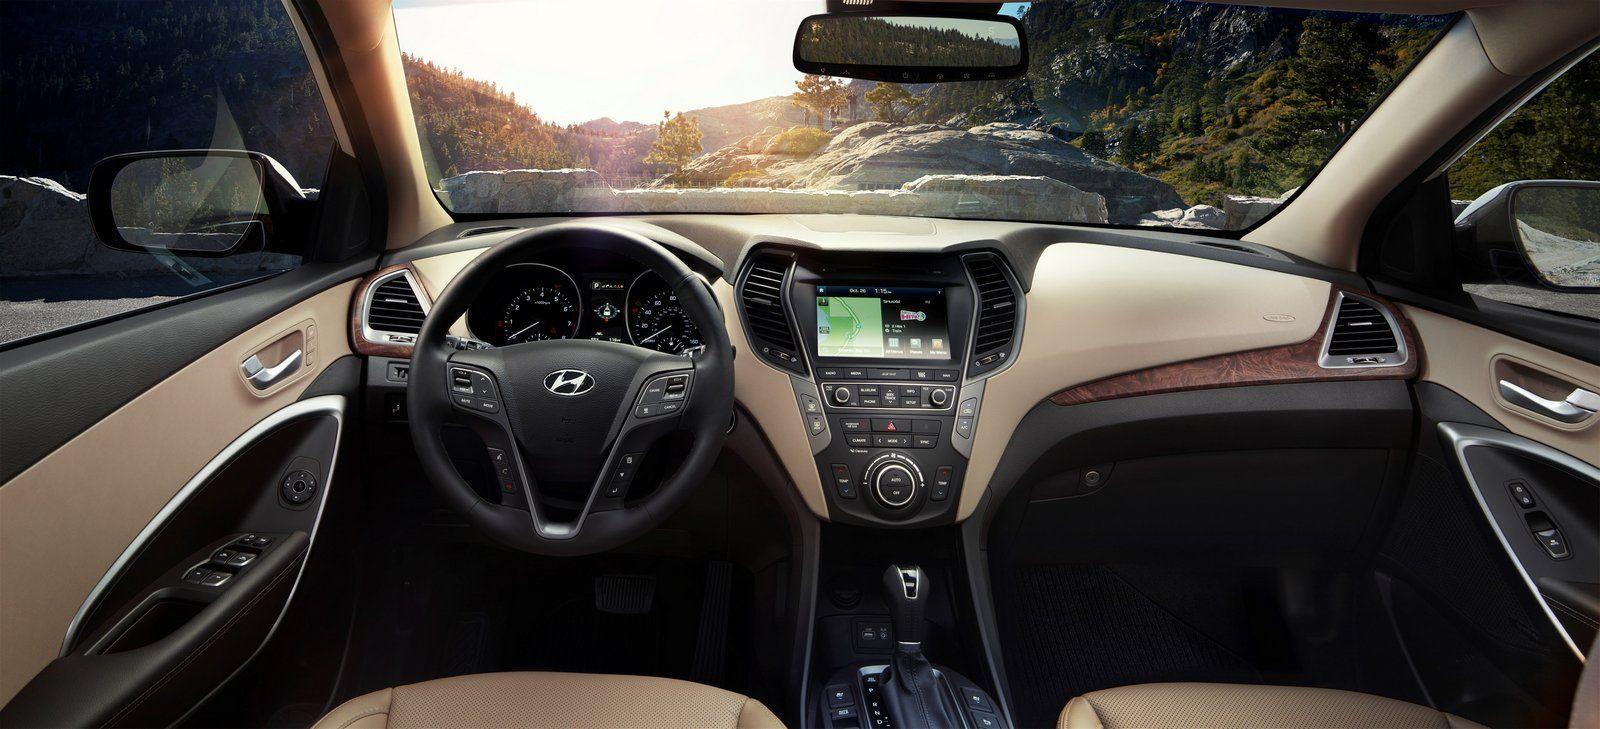 Hyundai Santafe 2018 Santa fe, Ô tô, Xe ô tô